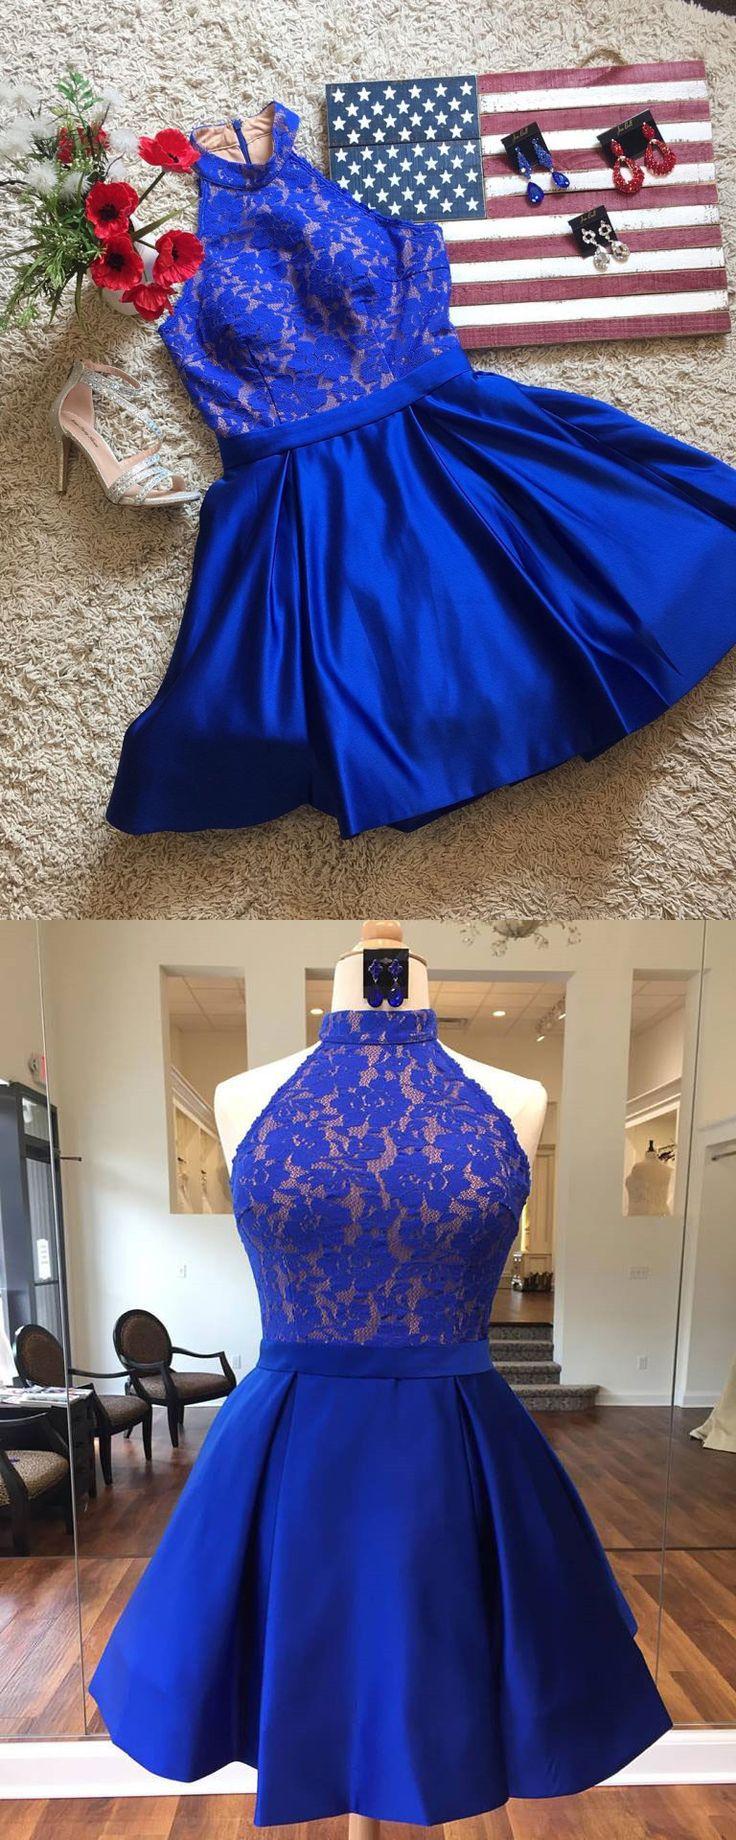 2017 short homecoming dress, short royal blue homecoming dress, party dress, short prom dress dancing dress